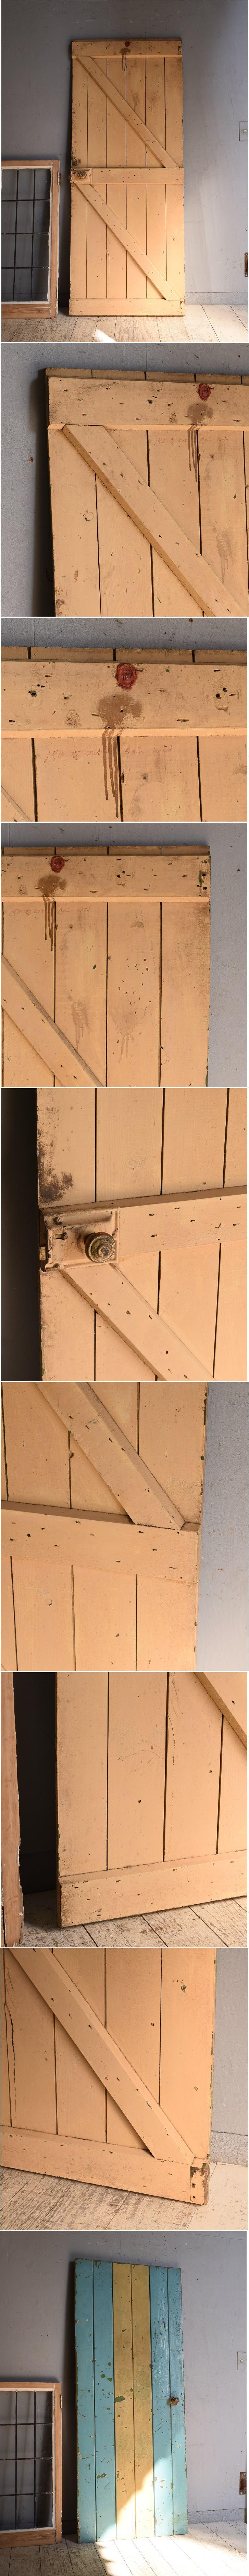 イギリス アンティーク ドア 扉 建具 9706